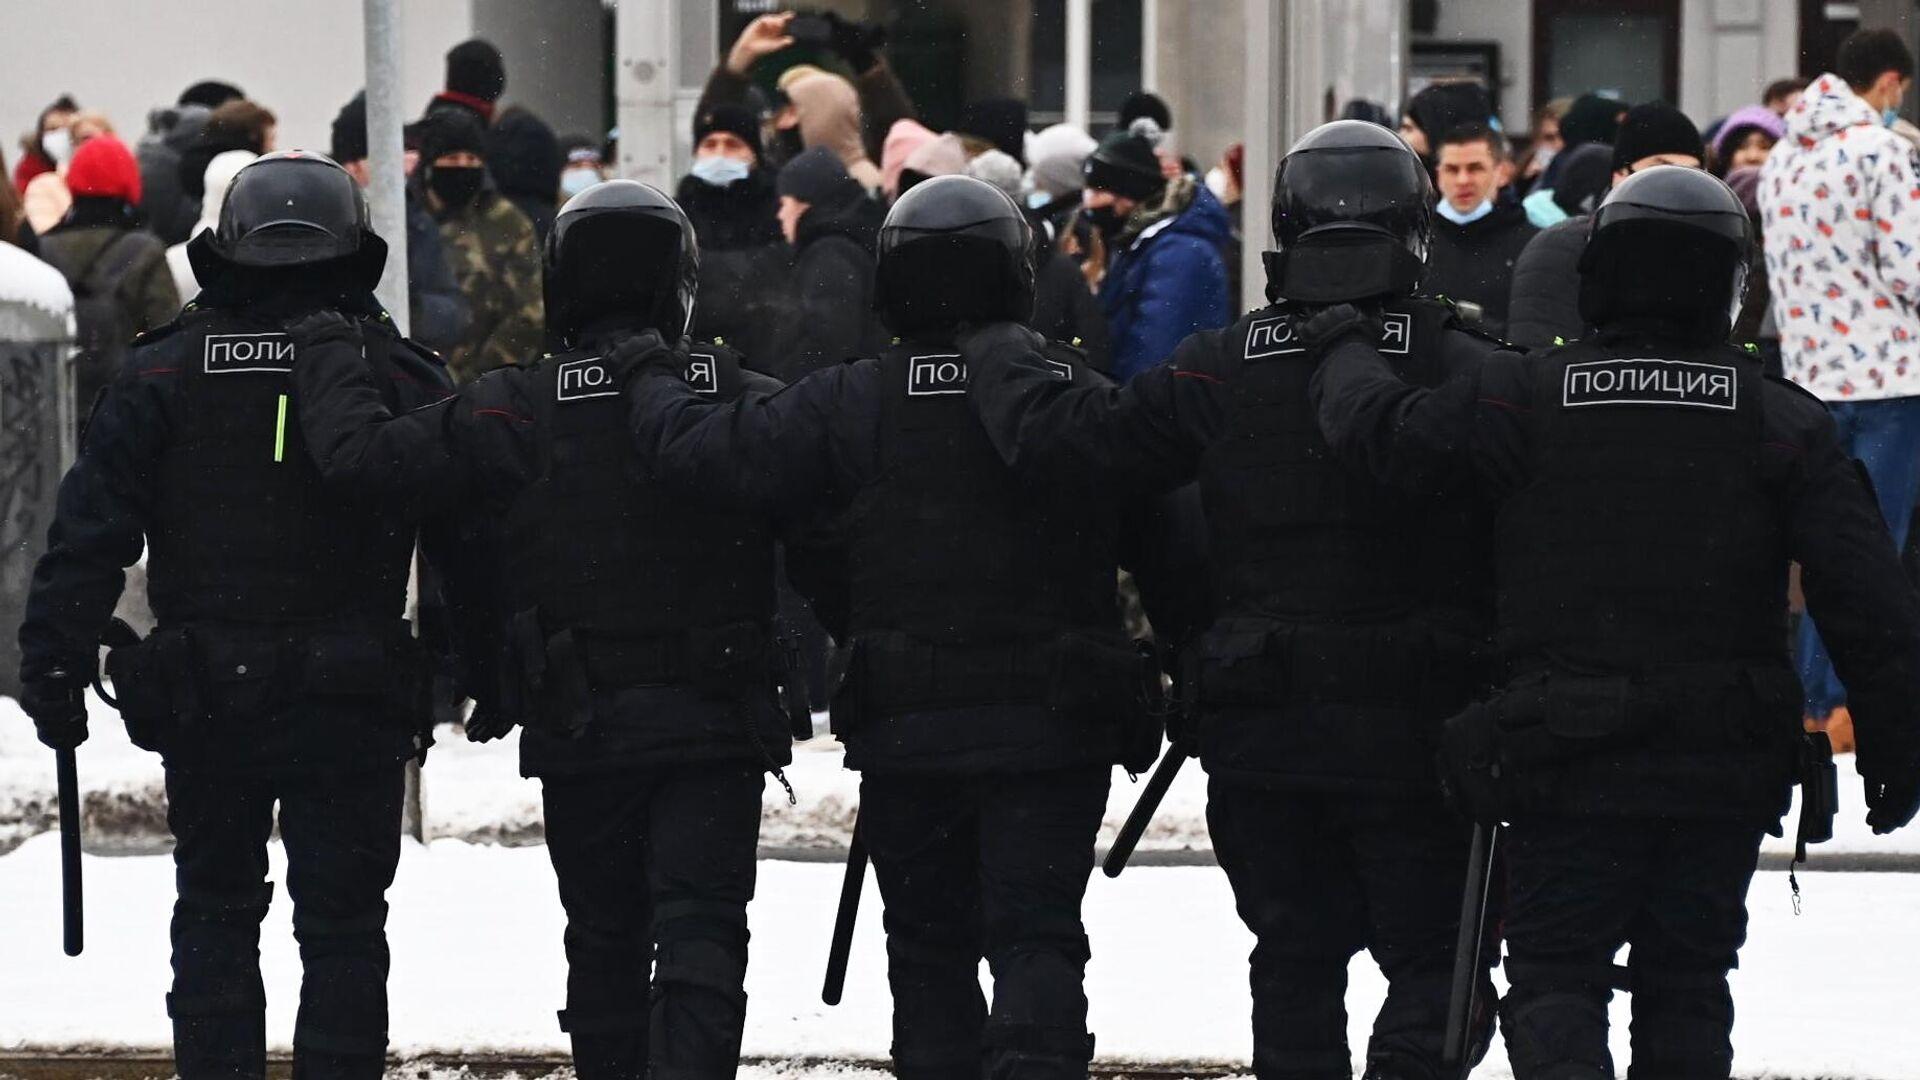 Несанкционированные акции протеста сторонников Алексея Навального в Москве - РИА Новости, 1920, 06.02.2021